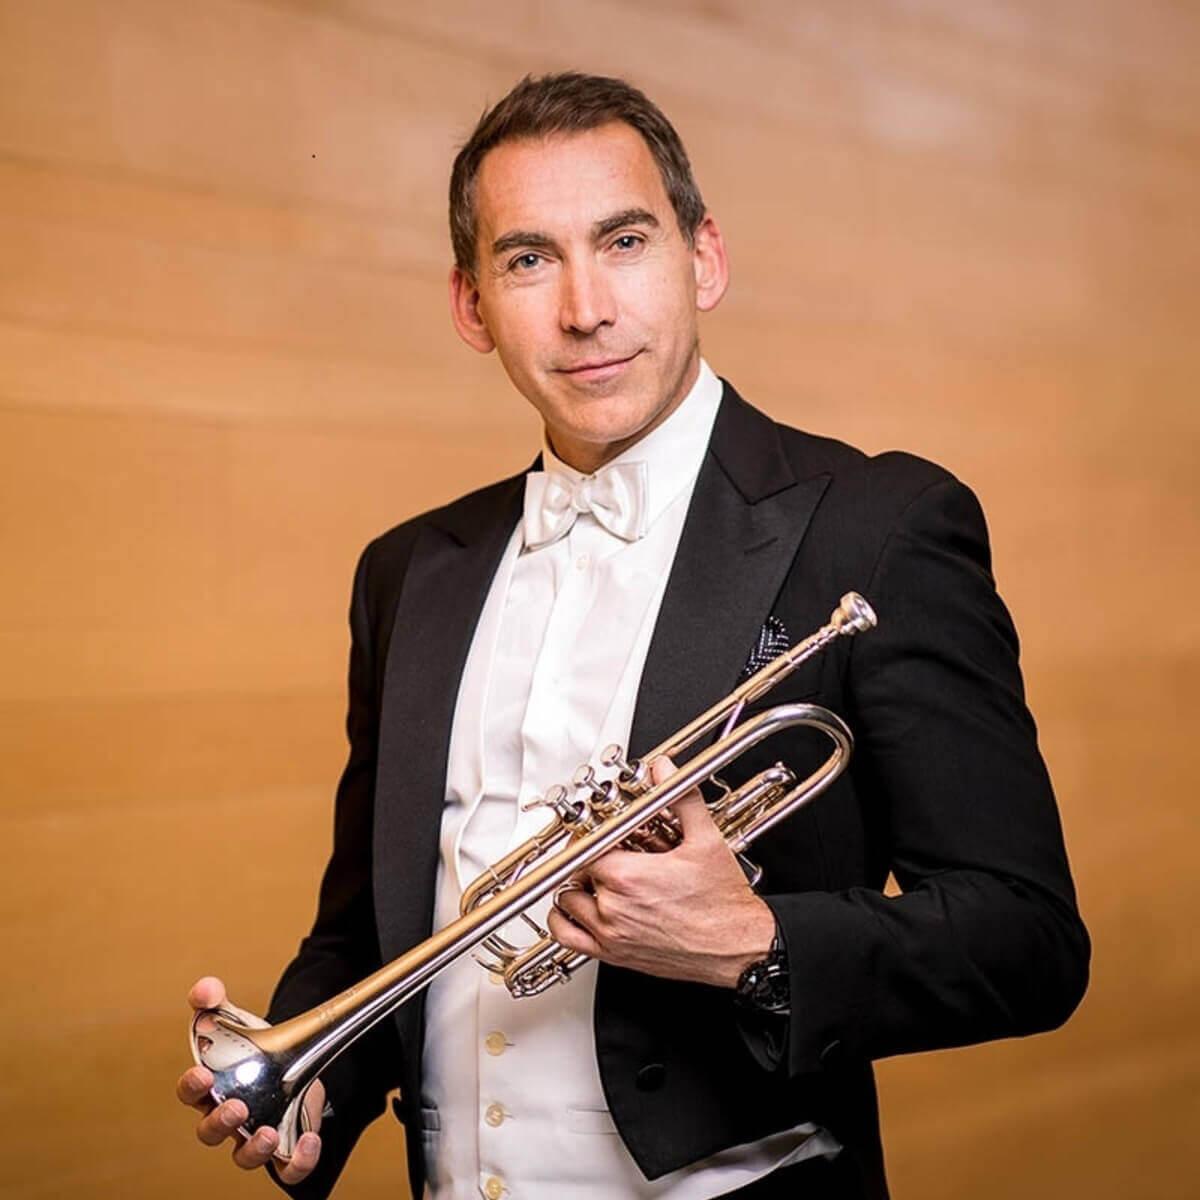 Paul Merkelo, trompette solo de l'OSM et membre du jury du Concours OSM. (Photo: fournie par l'artiste)